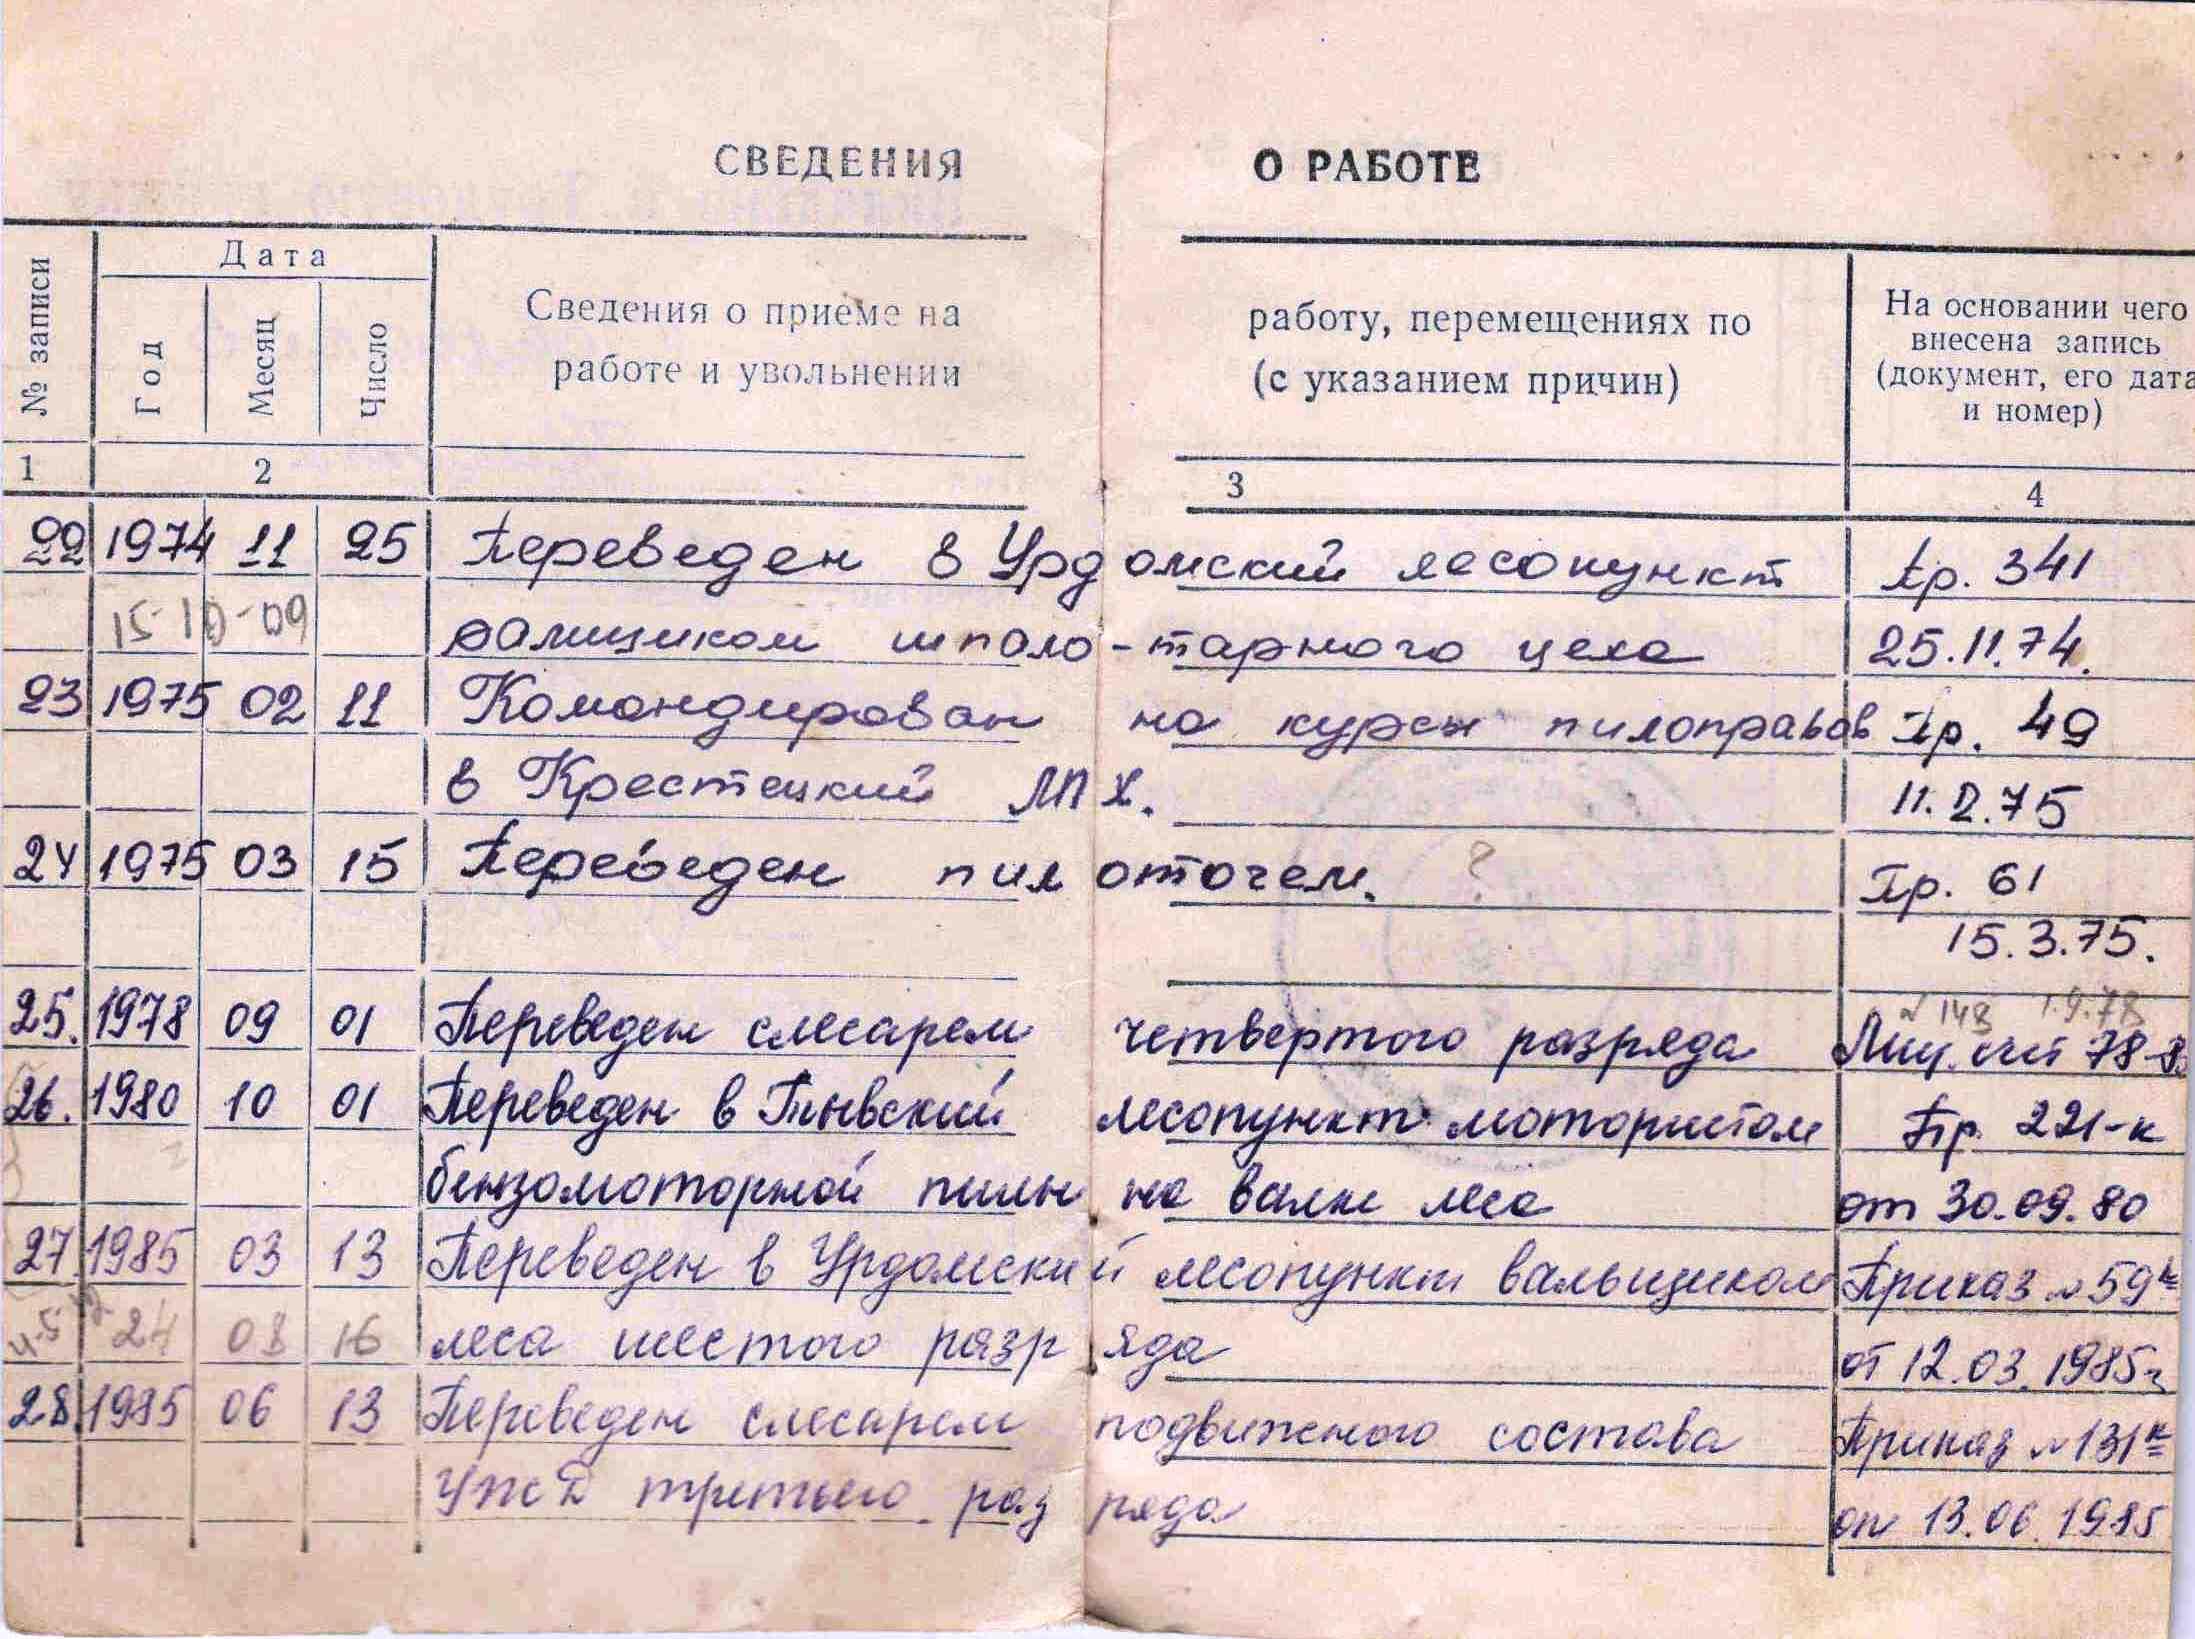 9. Трудовая книжка, 1954г.